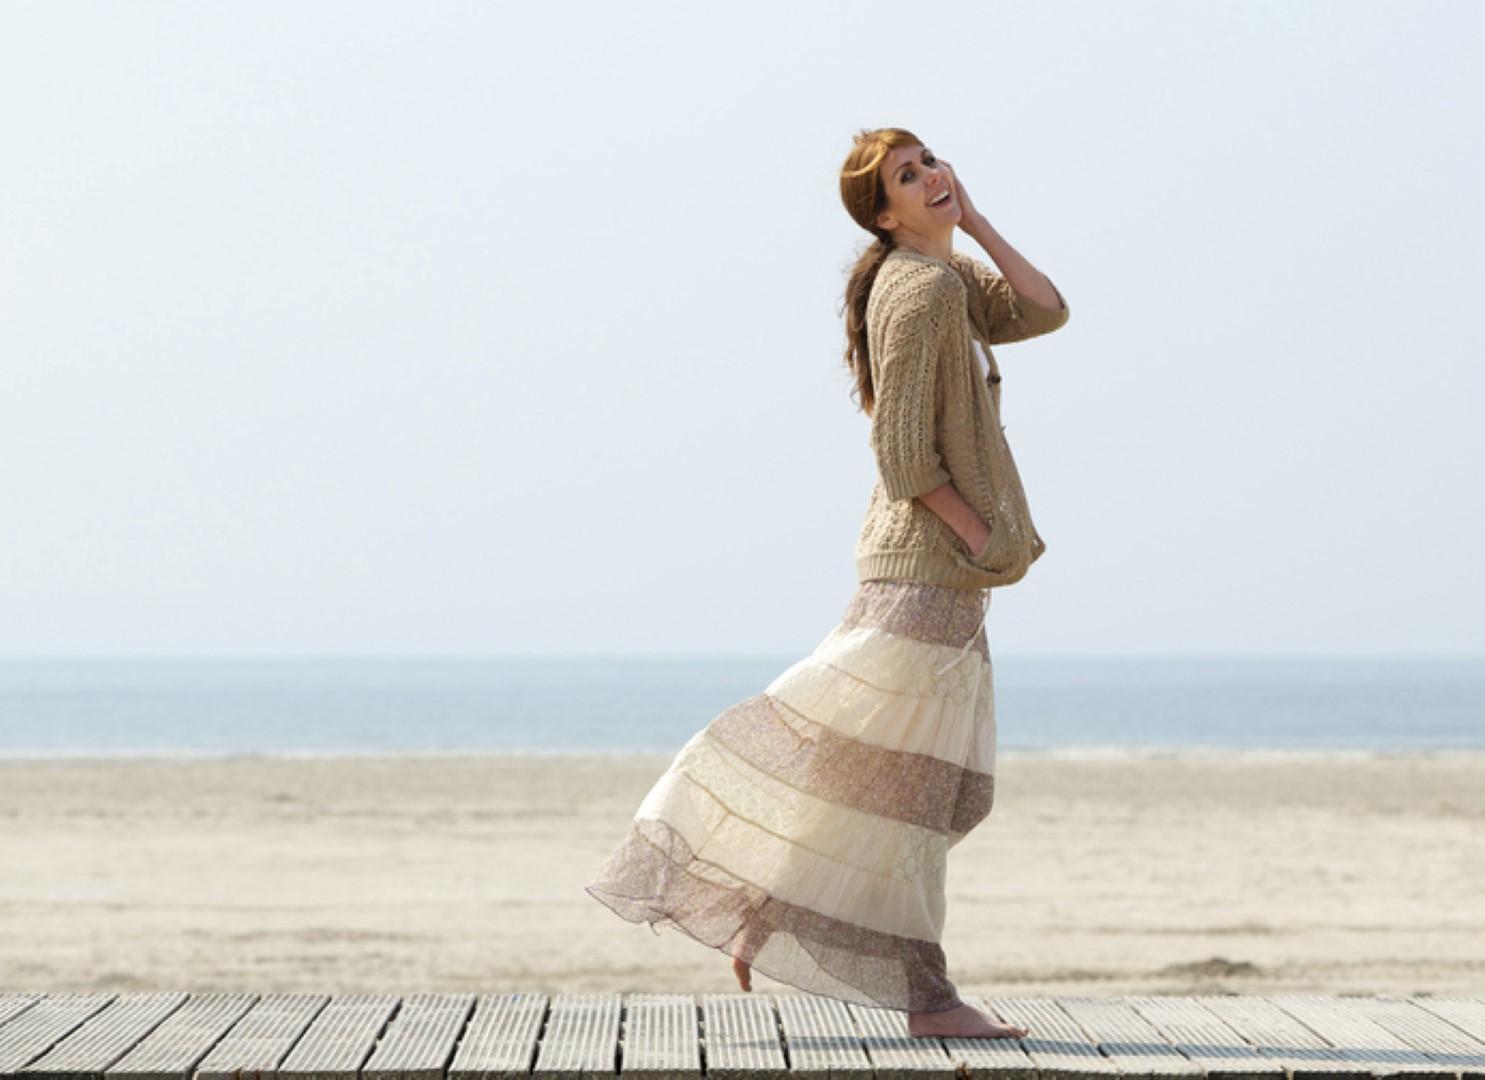 Gli In ModaCosa Tgcom24 Si Indossare Spiaggia Superano Anta Quando WDHE9I2